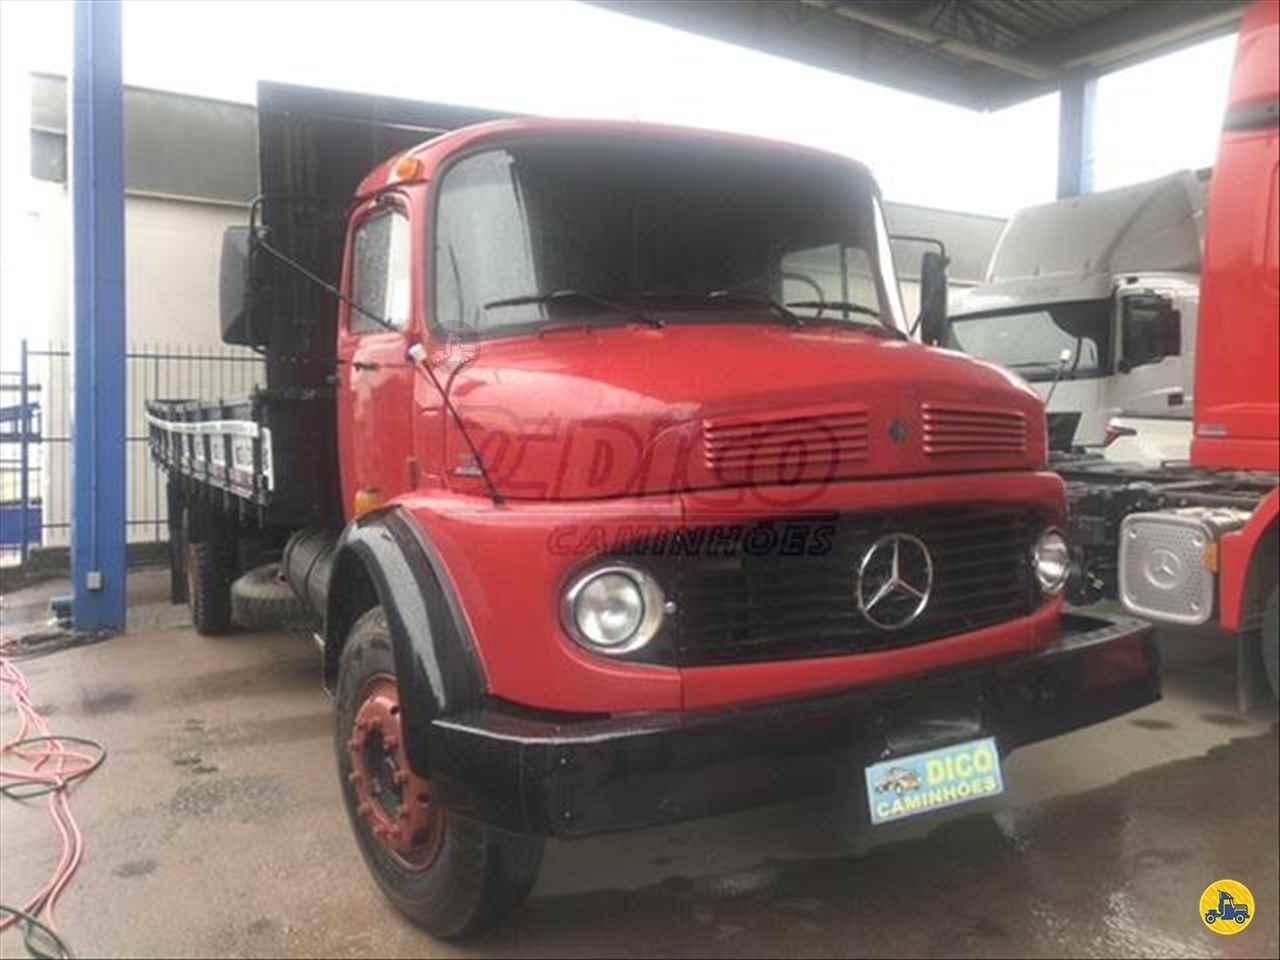 CAMINHAO MERCEDES-BENZ MB 1113 Carga Seca Toco 4x2 Dico Caminhões RIO DO SUL SANTA CATARINA SC